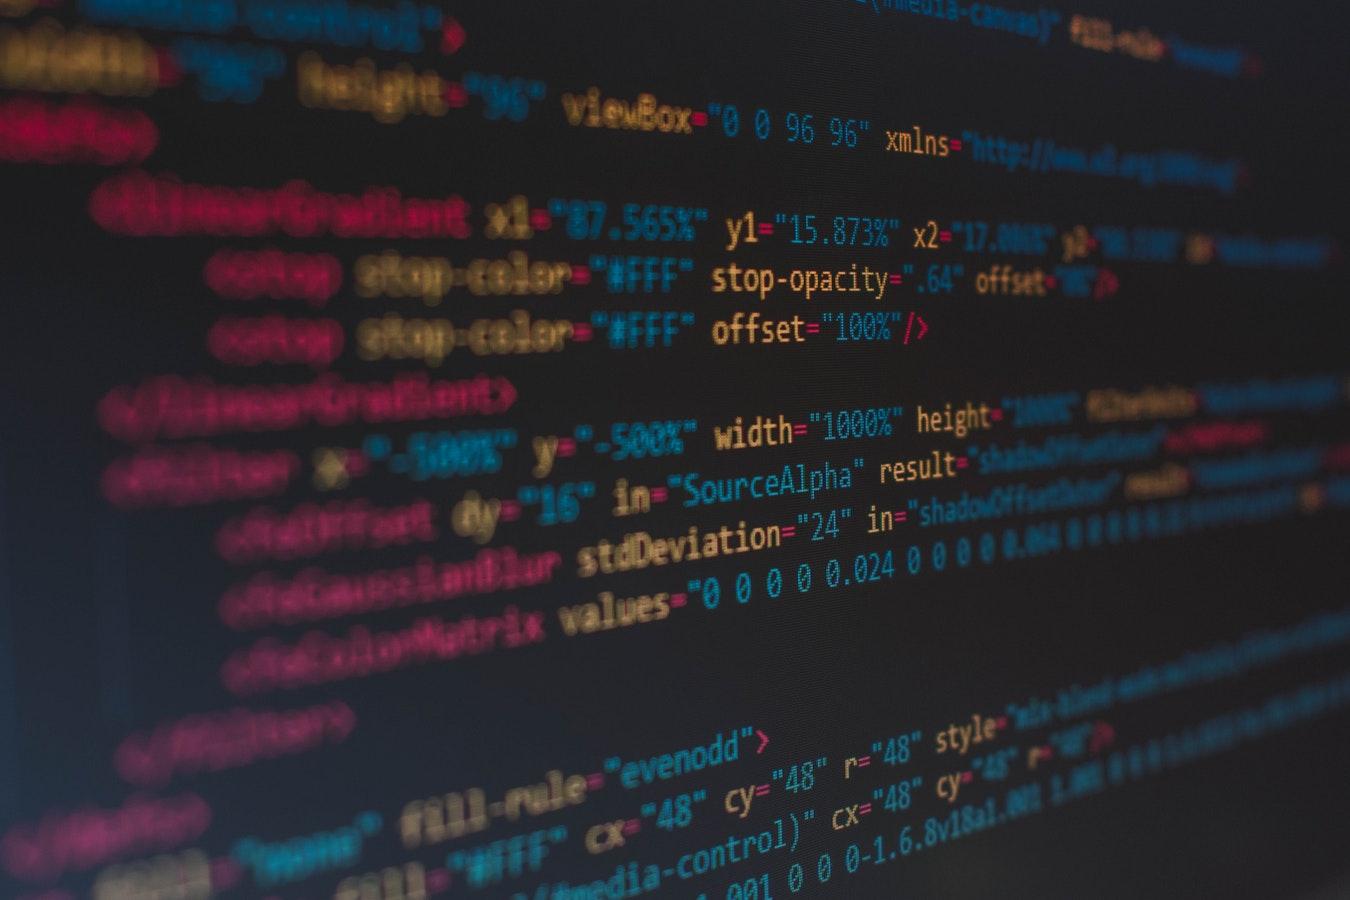 Membuat Progress Bar Sederhana Menggunakan CSS